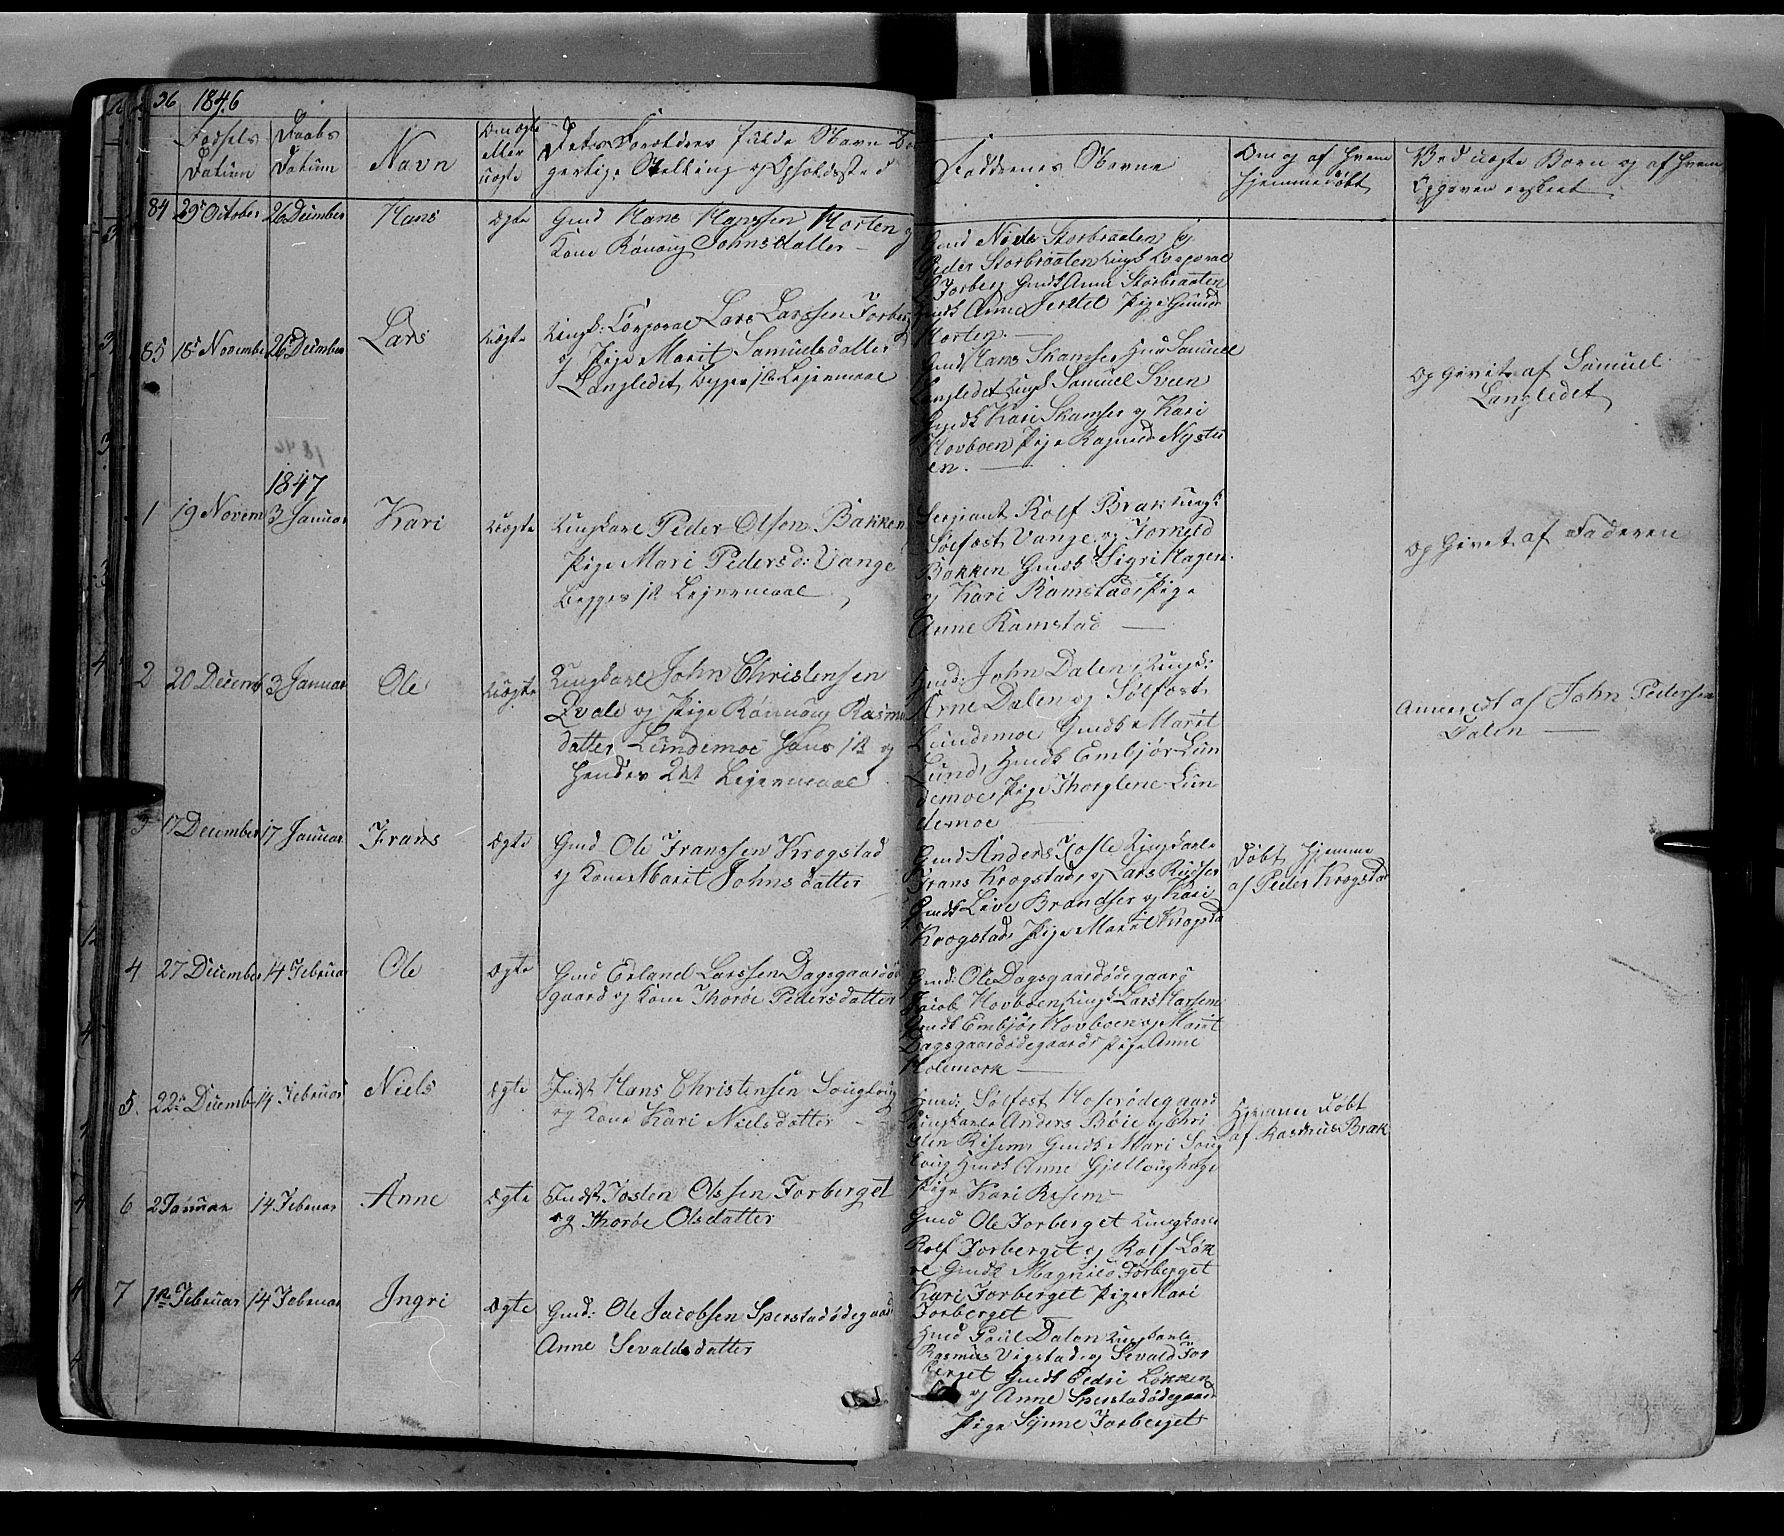 SAH, Lom prestekontor, L/L0004: Klokkerbok nr. 4, 1845-1864, s. 36-37